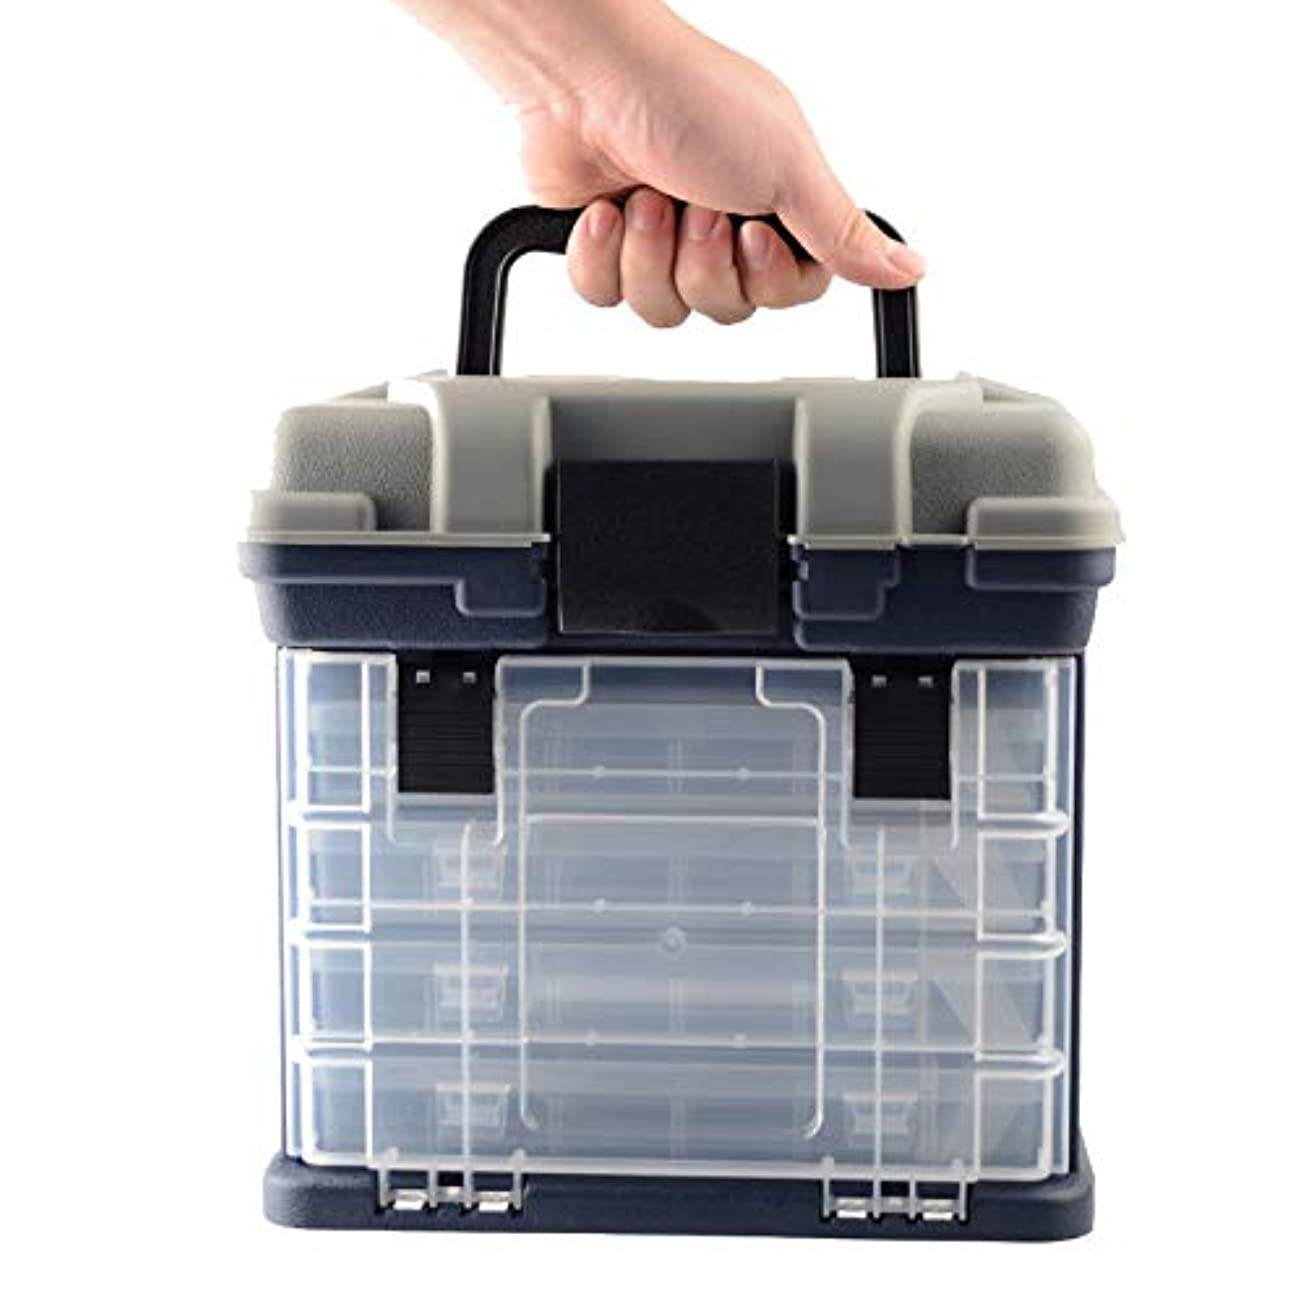 前貯水池と遊ぶDoolland 大容量 タックルボックス 4段式 釣り用品 収納ボックス プラスチック ルアーボックス フィッシングボックス ランガン ルアーケース 釣り具 ハードボックス トレイ式 取り外し?調節可能な仕切り板付